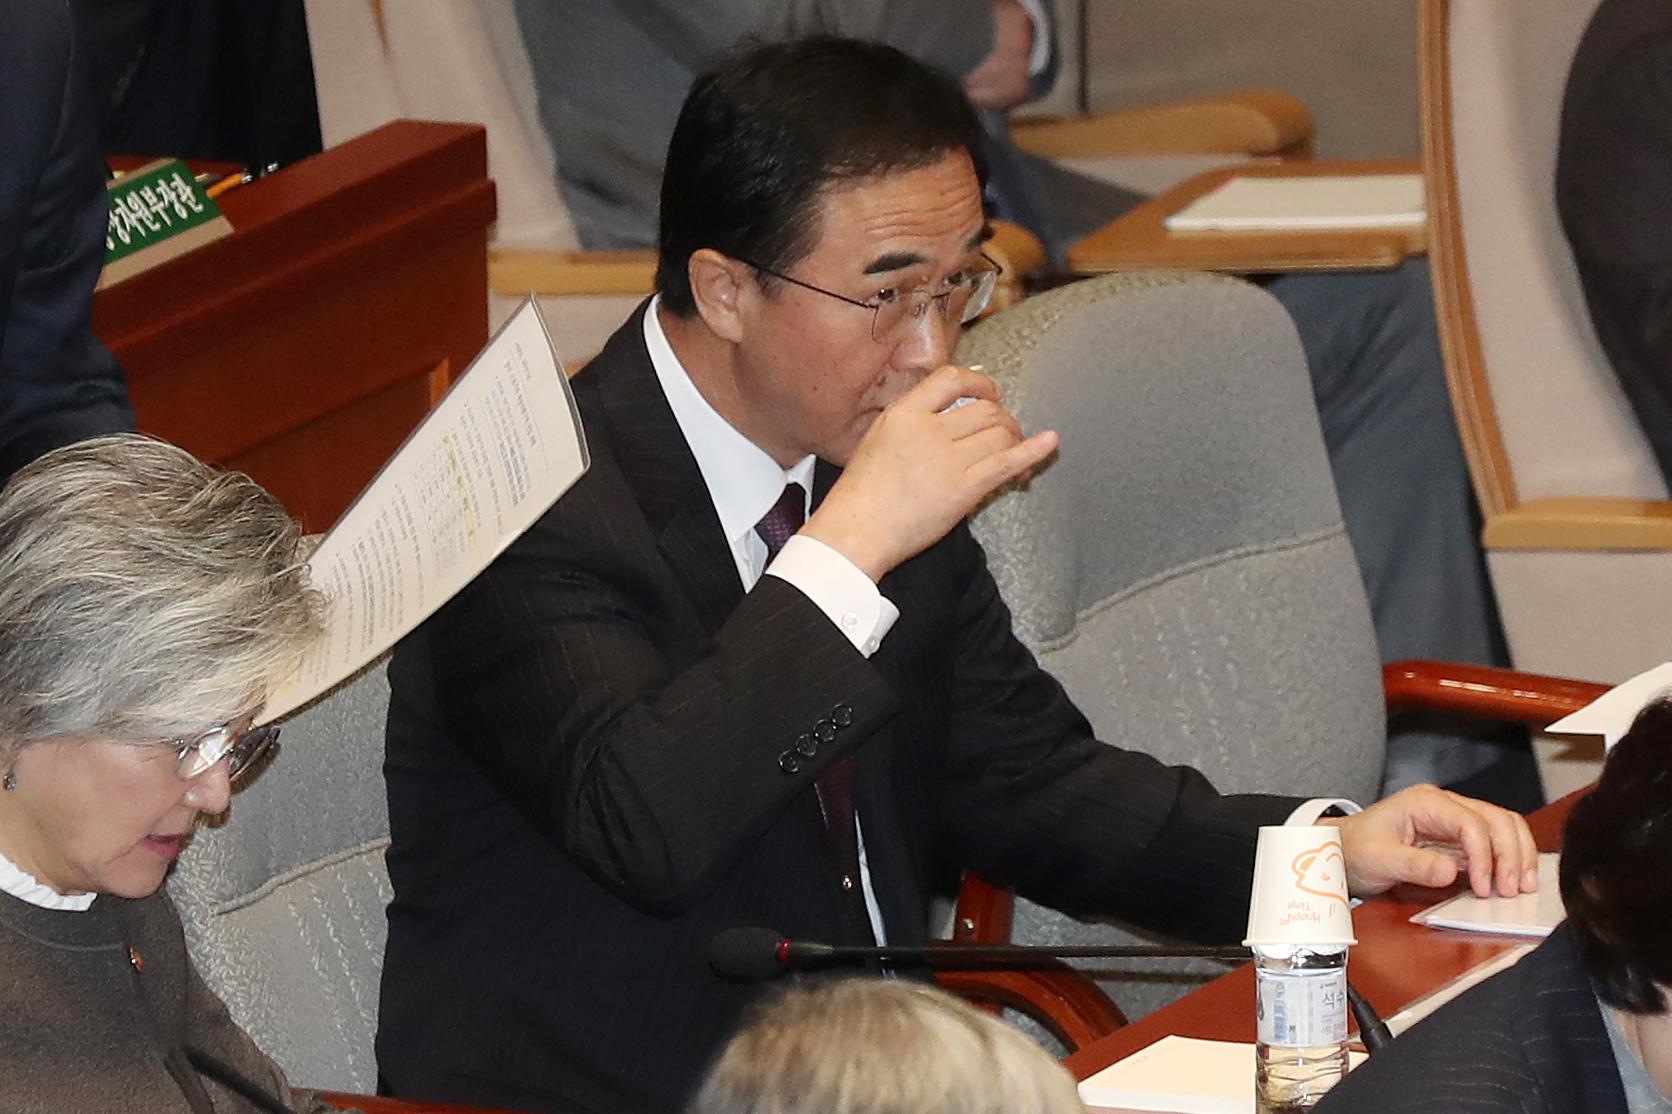 조명균 통일부 장관이 6일 서울 영등포구 여의도 국회에서 열린 국회 예산결산특별위원회 전체회의에서 물을 마시고 있다. [뉴스1]